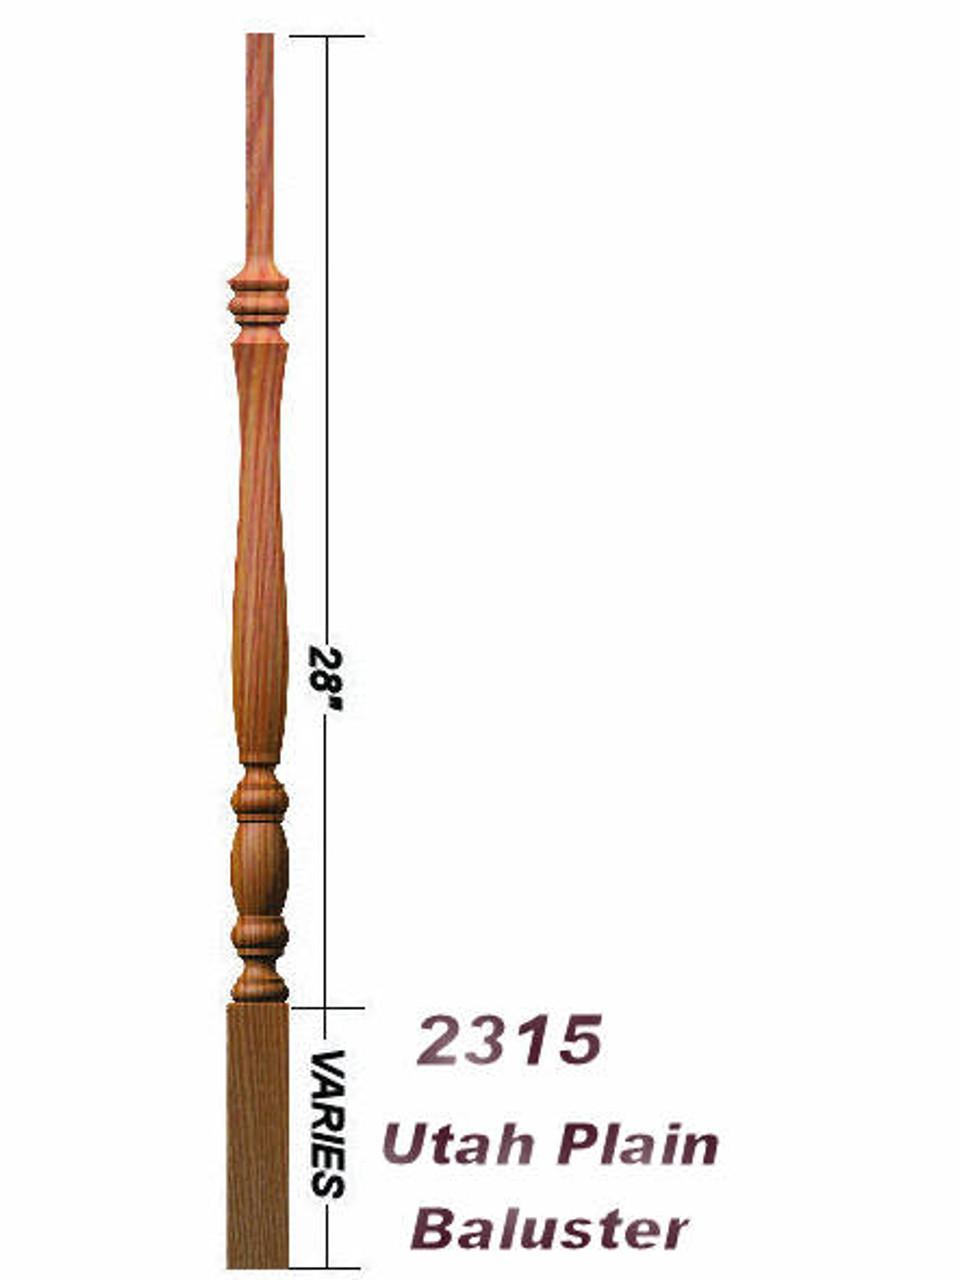 """2315 36"""" Utah Classic Pin Top Baluster Dimensional Information"""